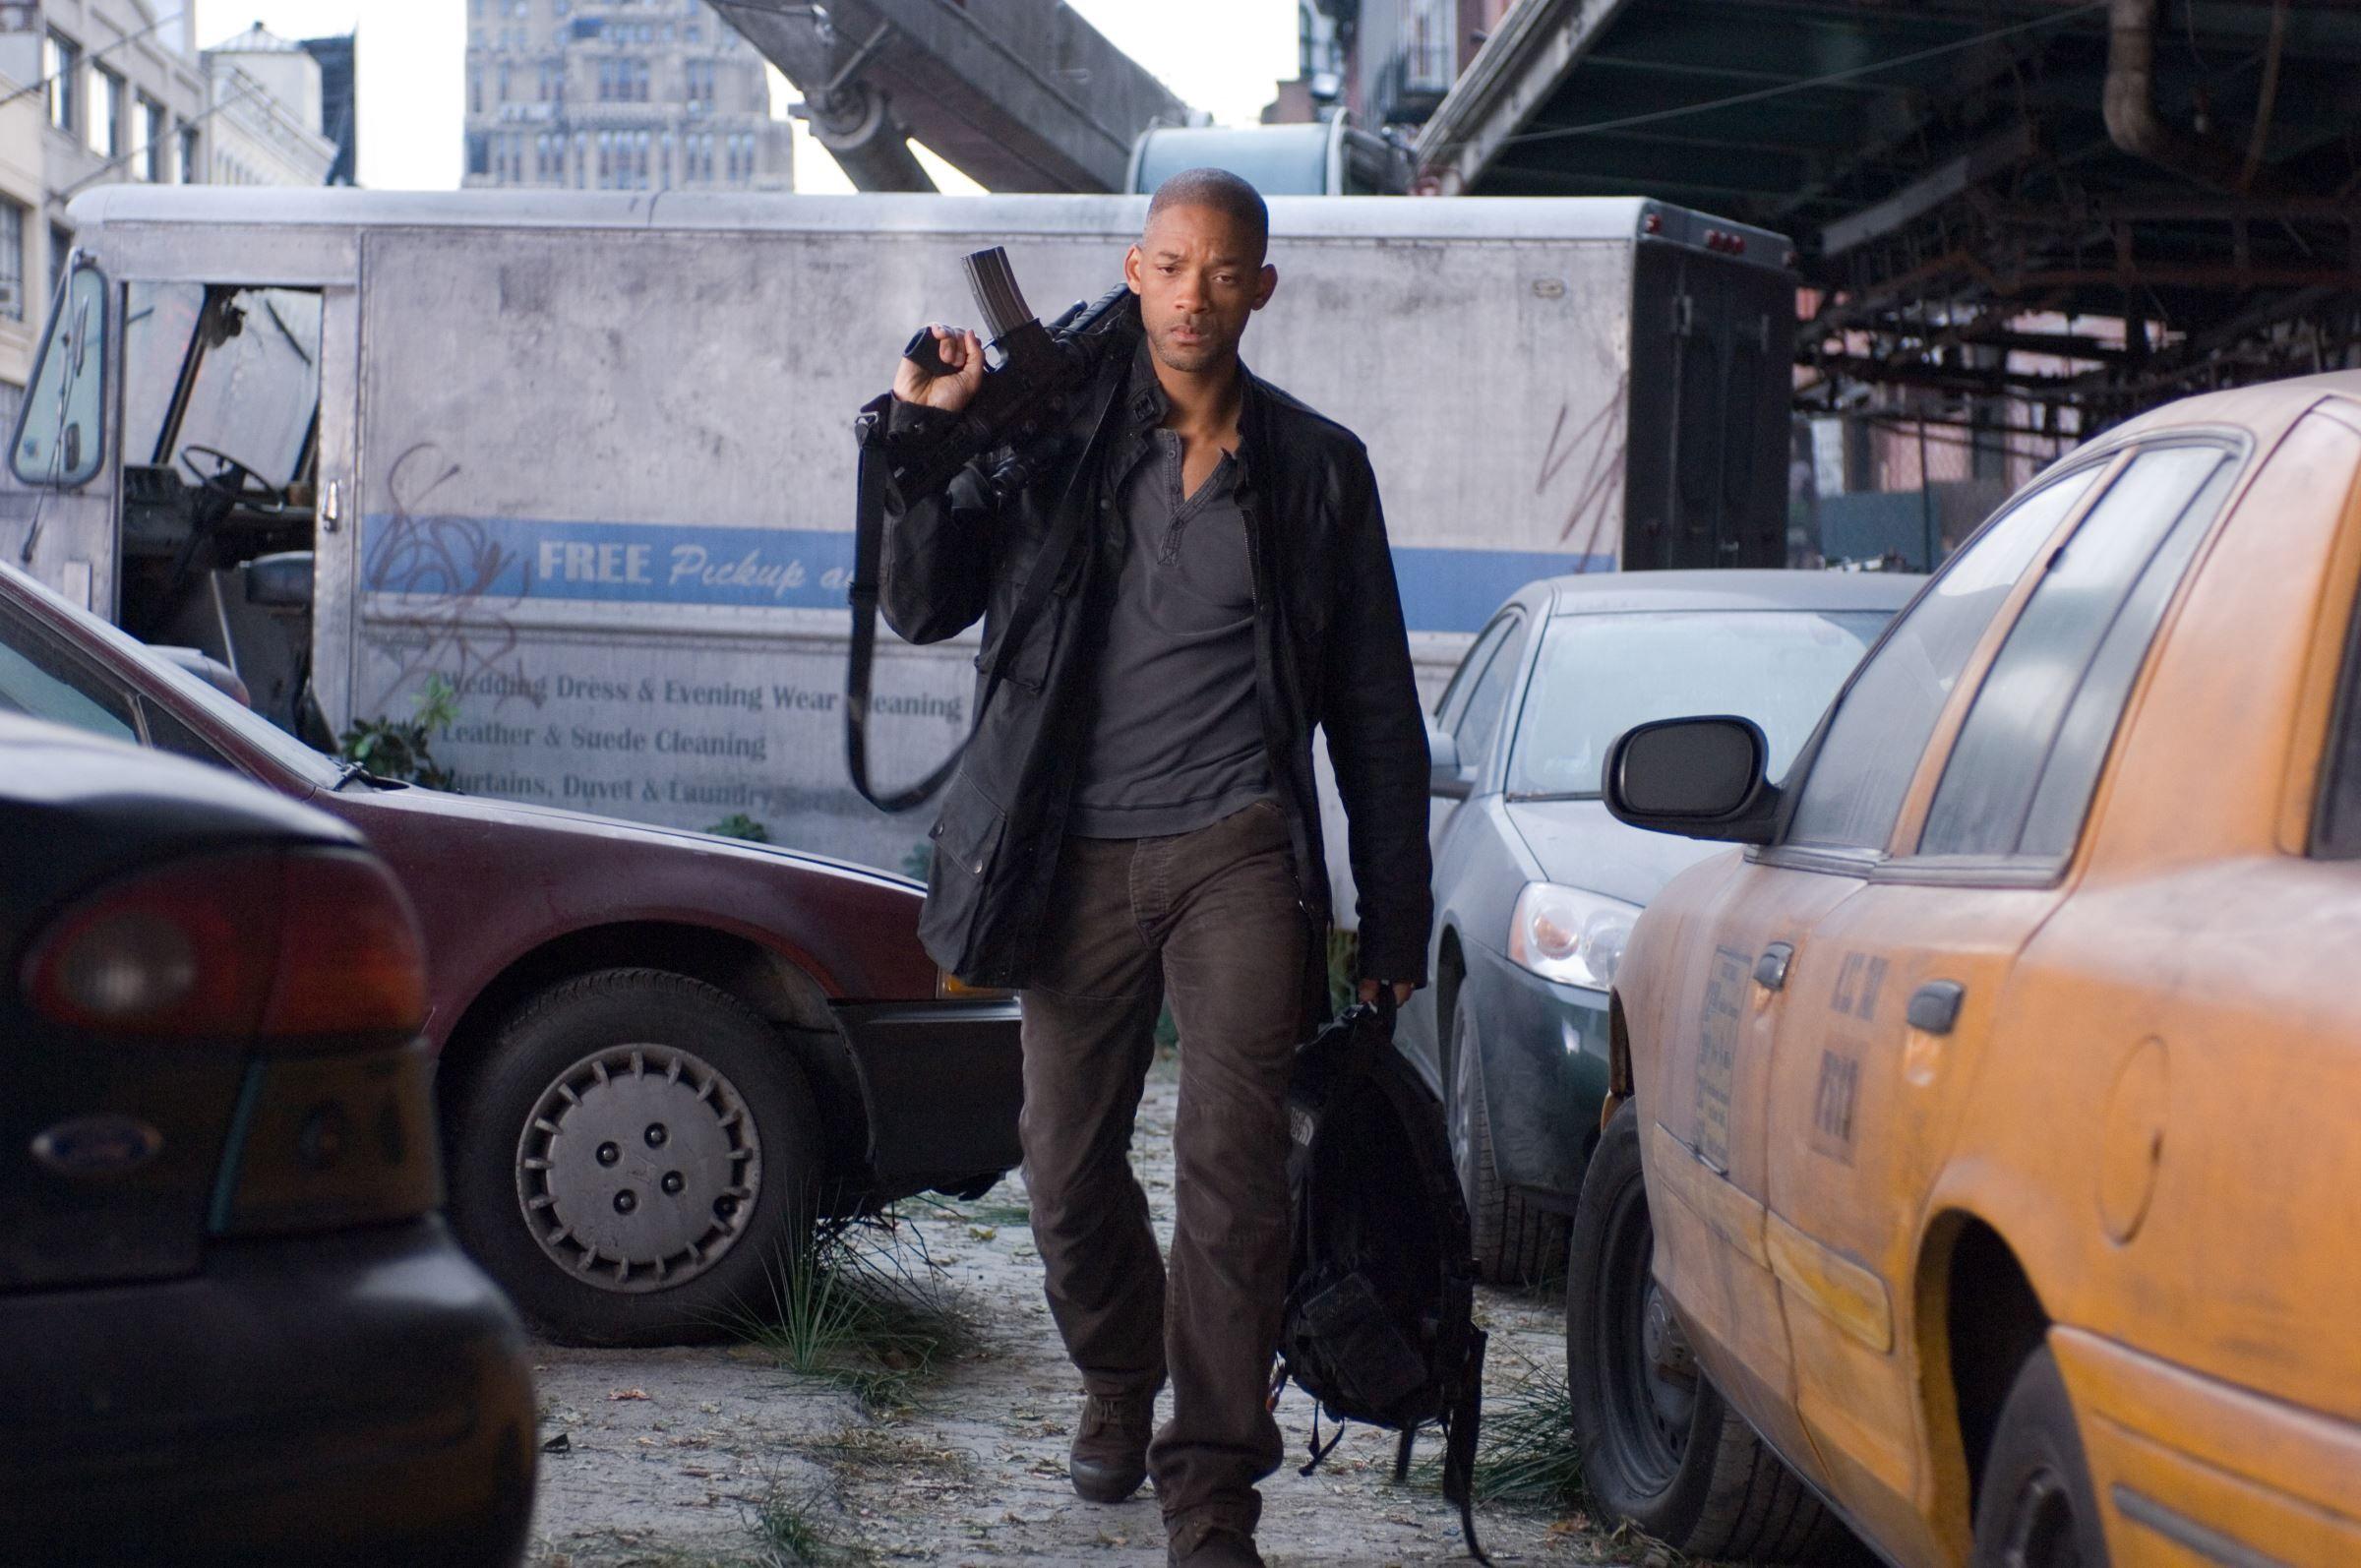 Je suis une légende : Comment Will Smith s'est-il préparé pour incarner le scientifique Robert Neville, unique survivant dans New York ?